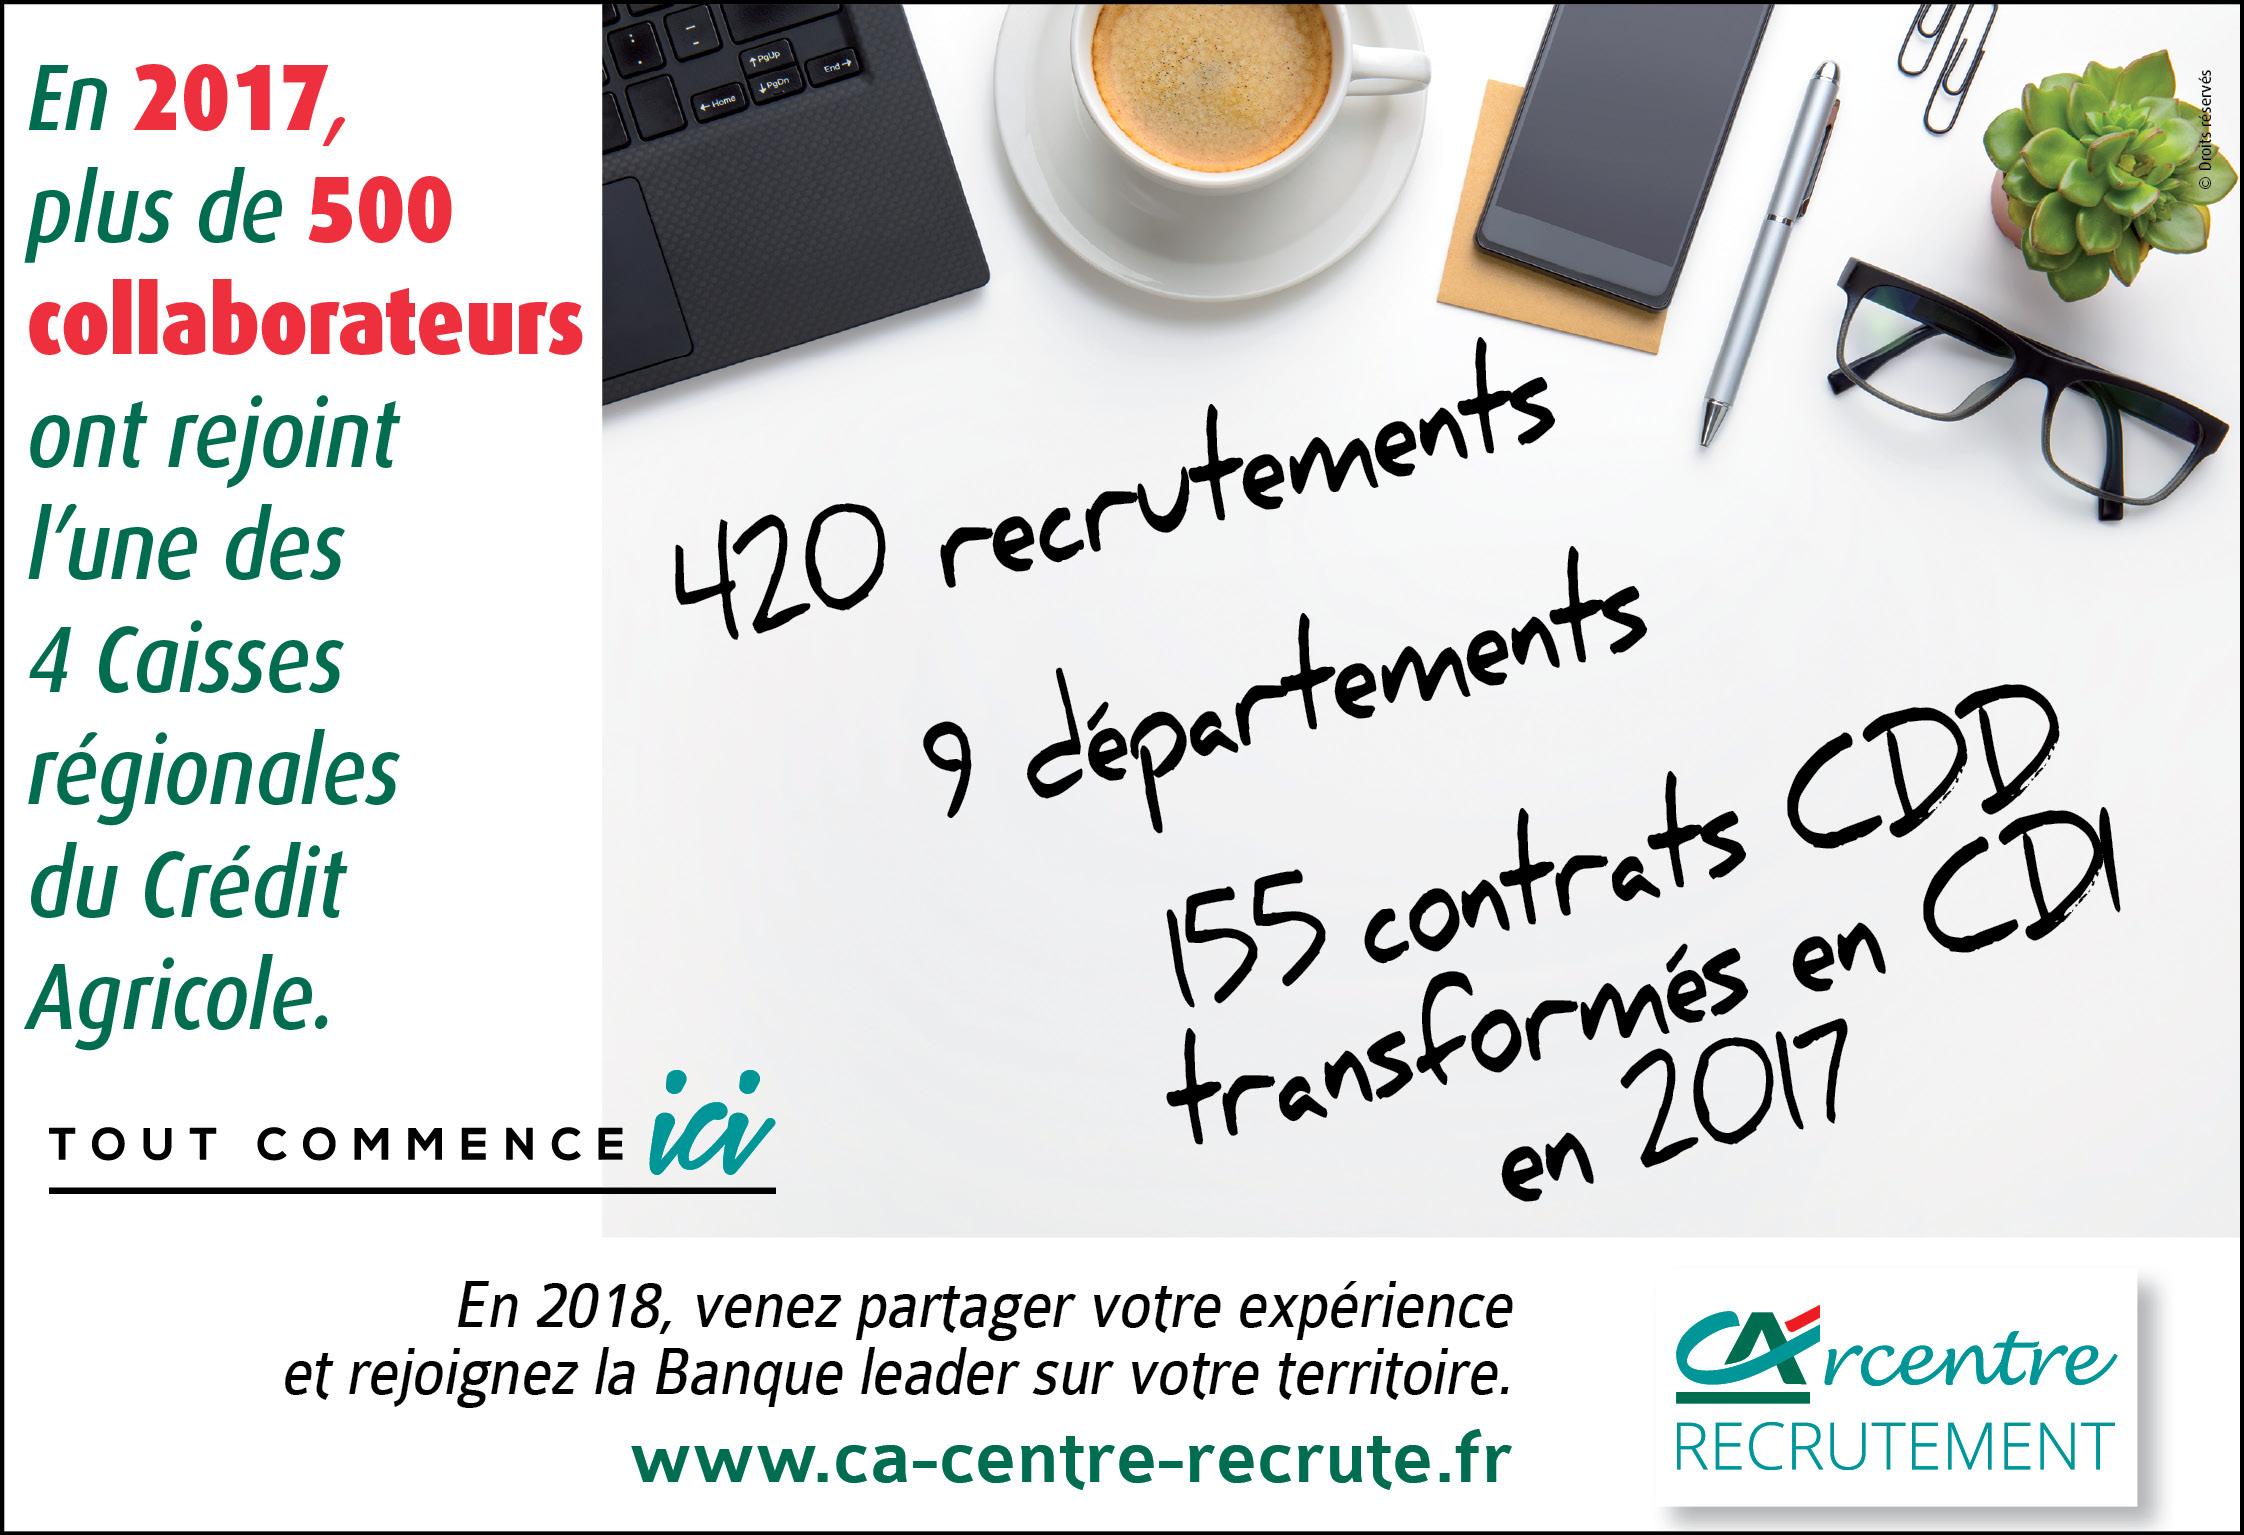 Recrutement: En 2017, plus de 500 nouveaux collaborateurs ont rejoint les Caisses régionales Centre Loire, Centre Ouest, Touraine Poitou et Val de France. En 2018, venez partager votre expérience et rejoignez la Banque leader sur votre territoire. Les perspectives que nous pouvons vous offrir sont à la hauteur de votre ambition.